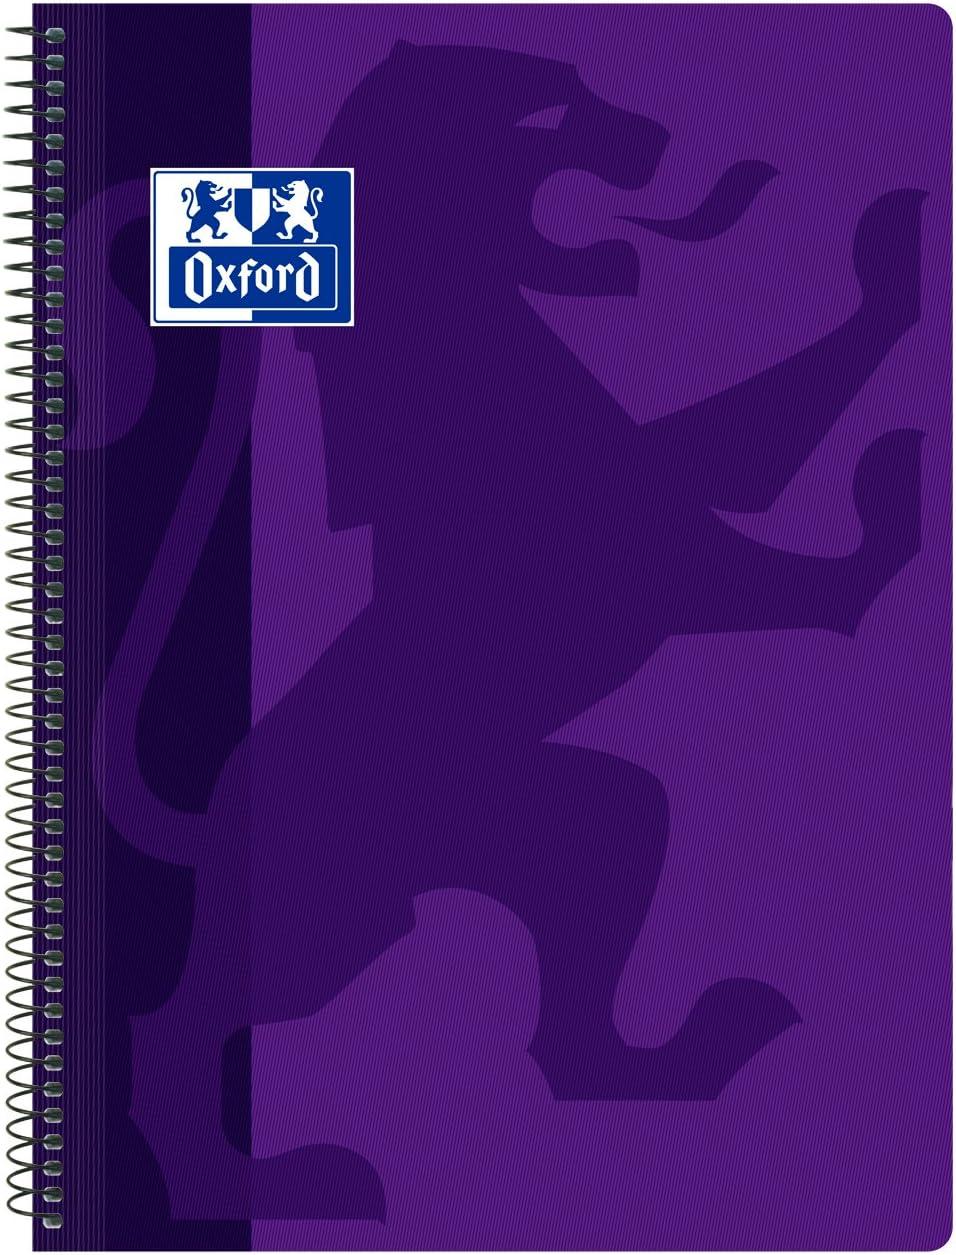 Oxford, Cuaderno A4 (Folio), cuadrícula 4x4, tapa plástico, color violeta